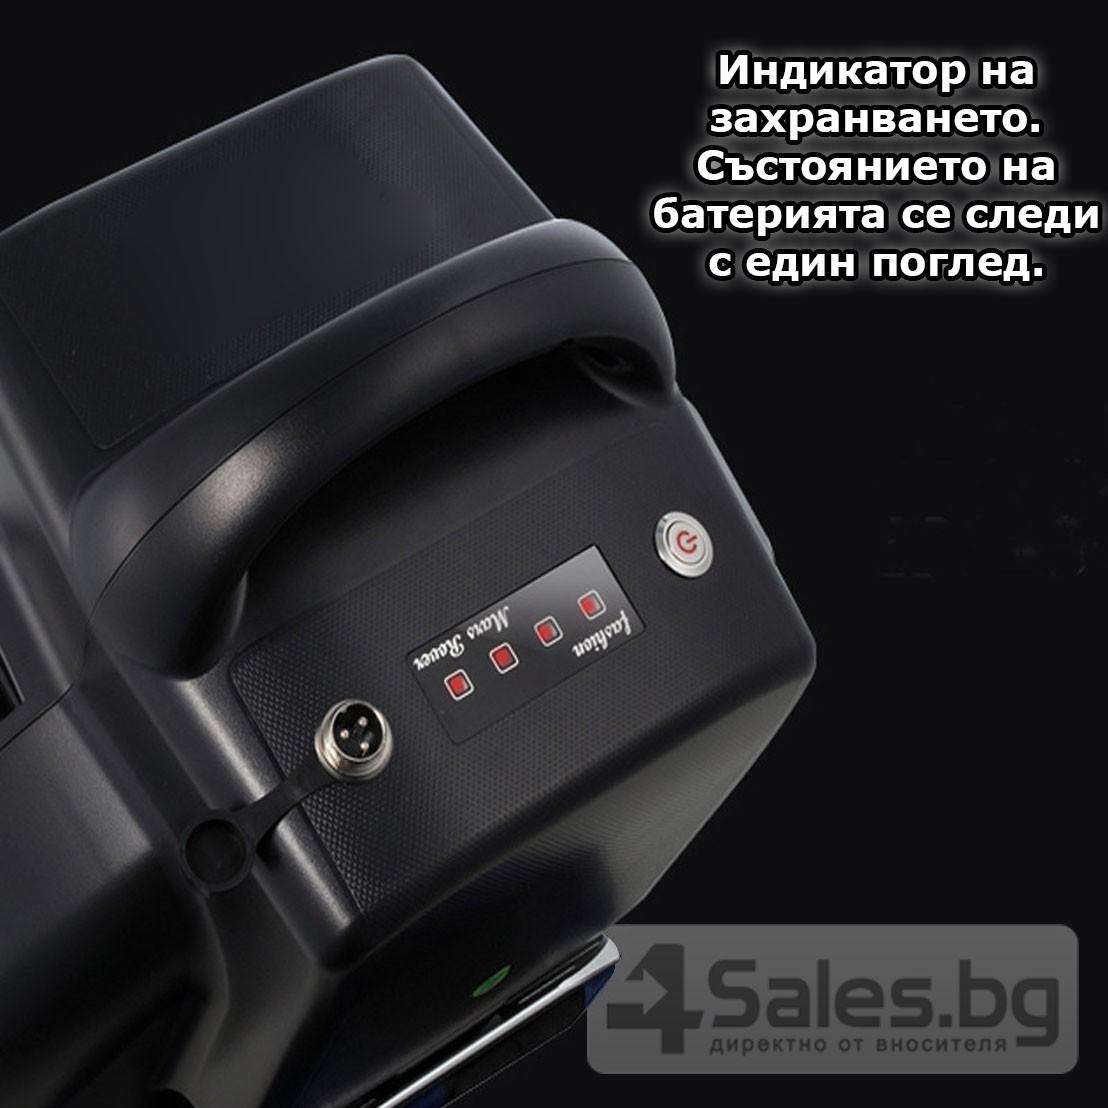 Електрически скутер самобалансиращ преносим с летиево йонна батерия 18